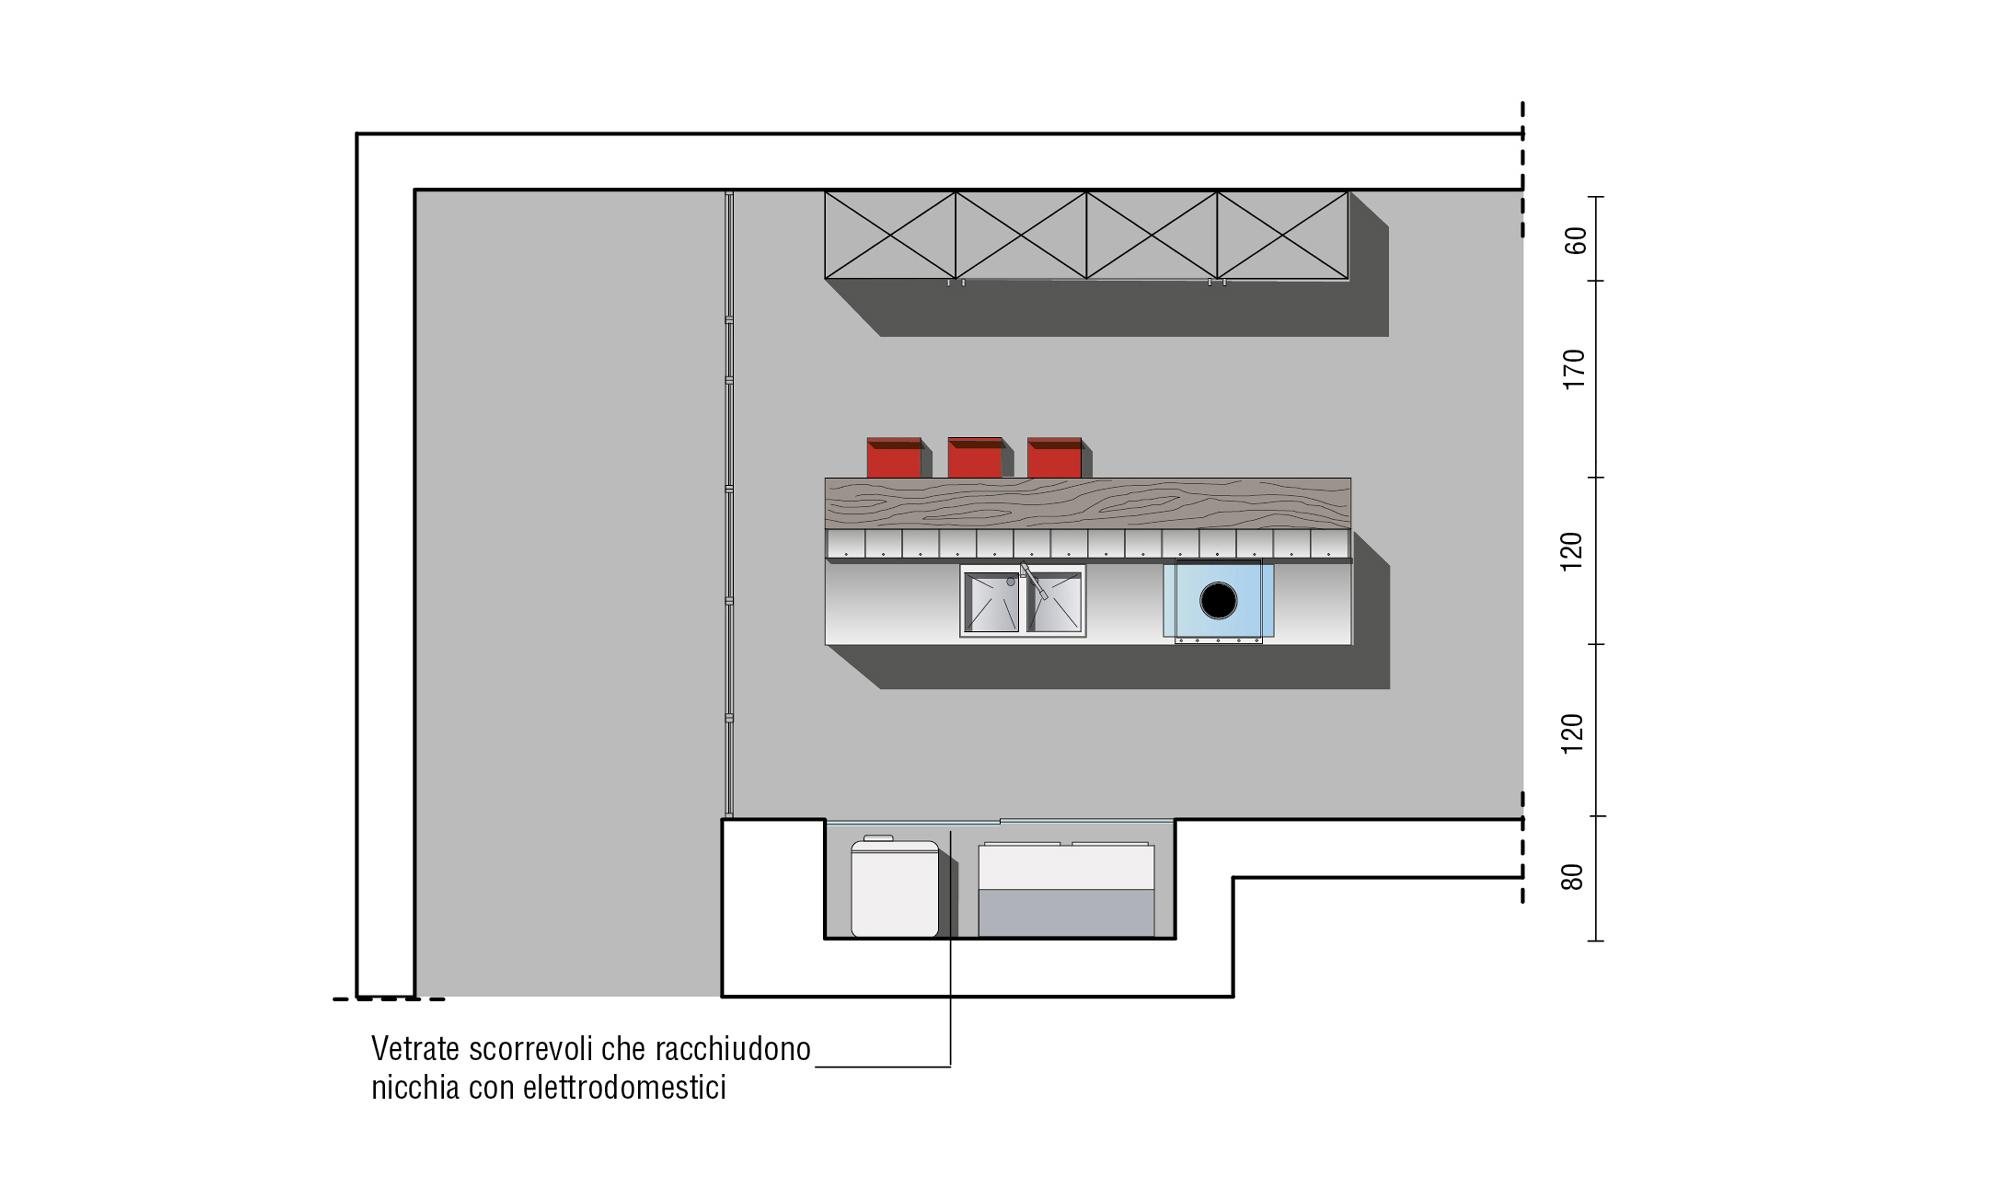 Pareti Scorrevoli Divisorie Cucina : Cucina con vetrate scorrevoli progettazione valcucine